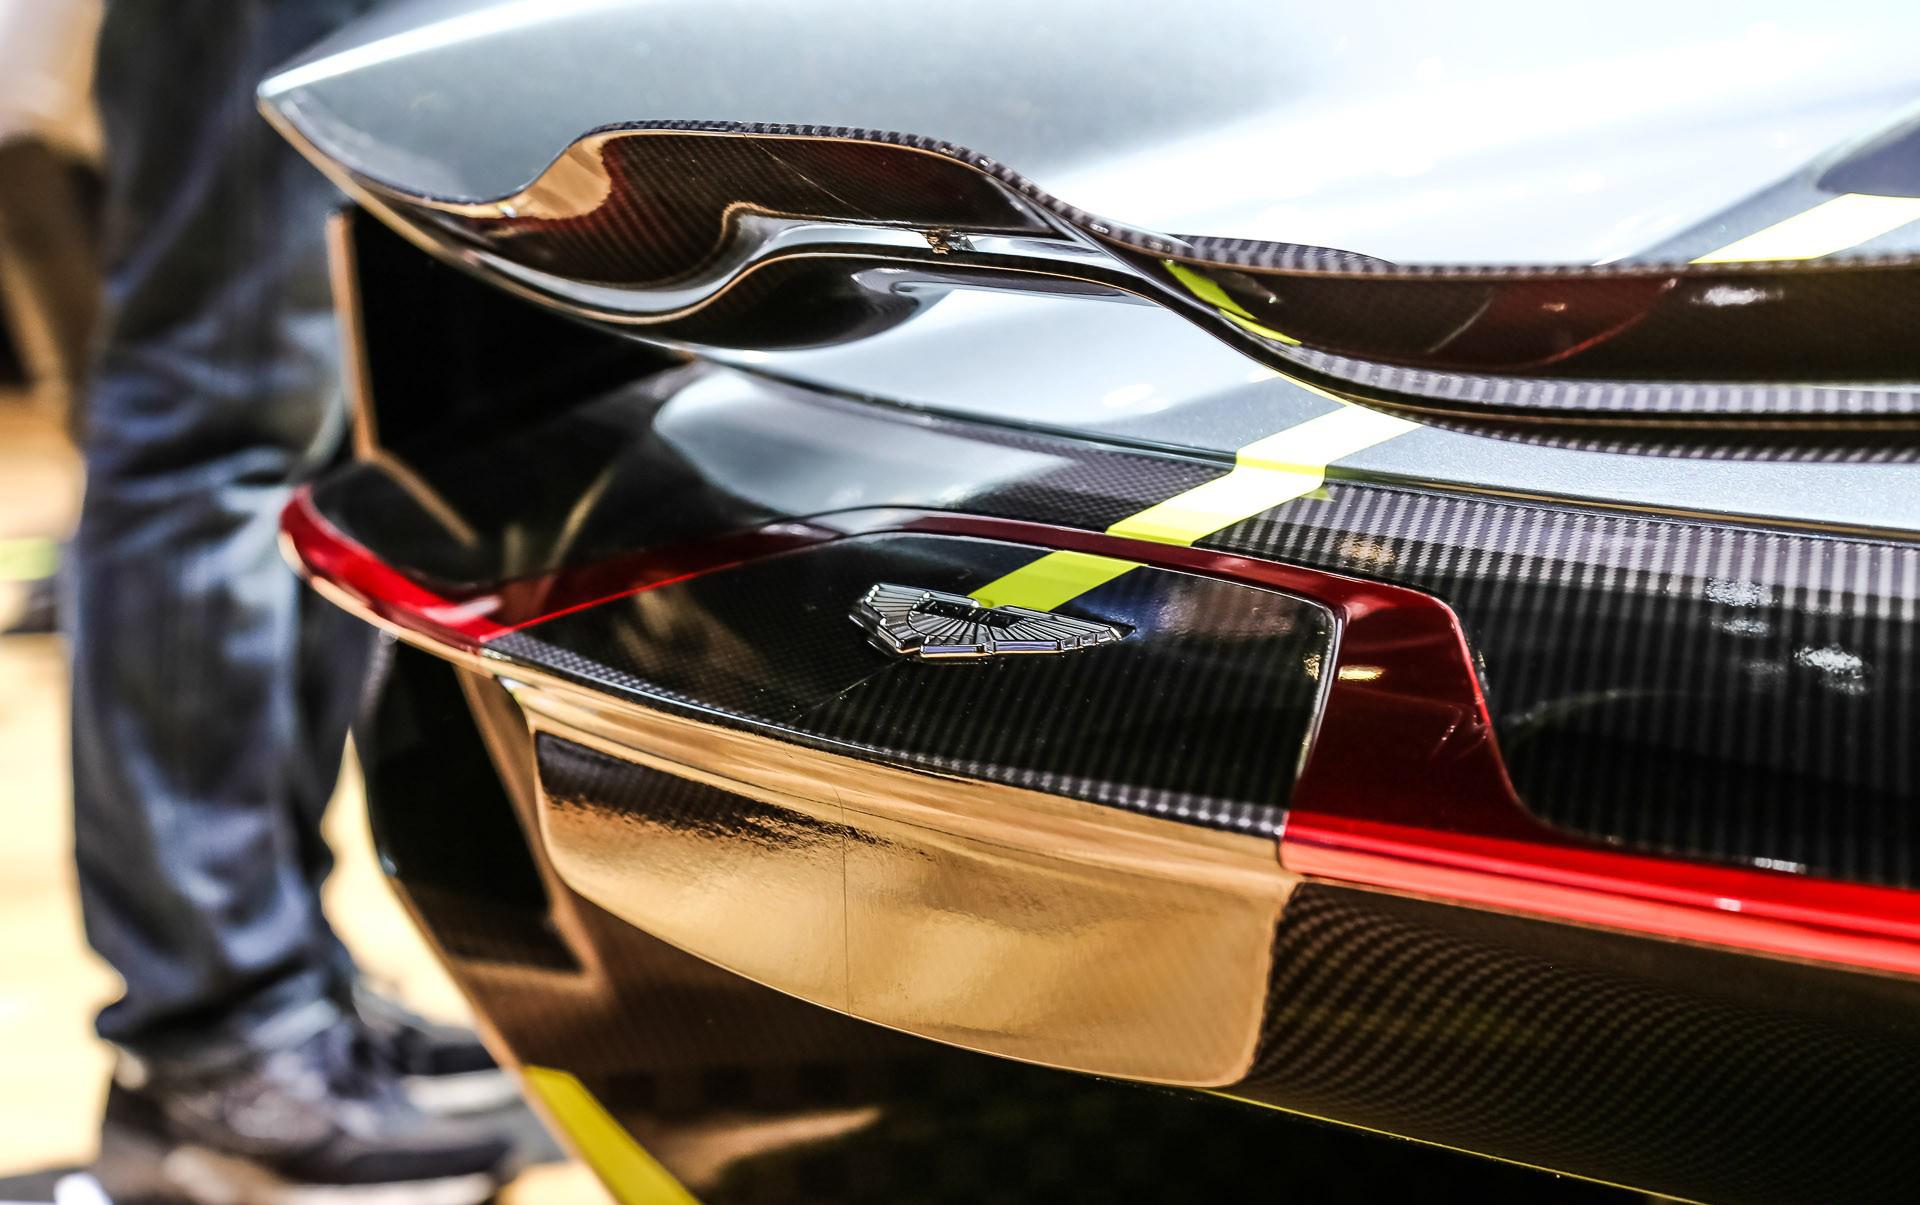 Британская инжиниринговая компания Ricardo была выбрана в качестве поставщика коробки передач для предстоящего гиперкара Aston Martin Valkyrie.